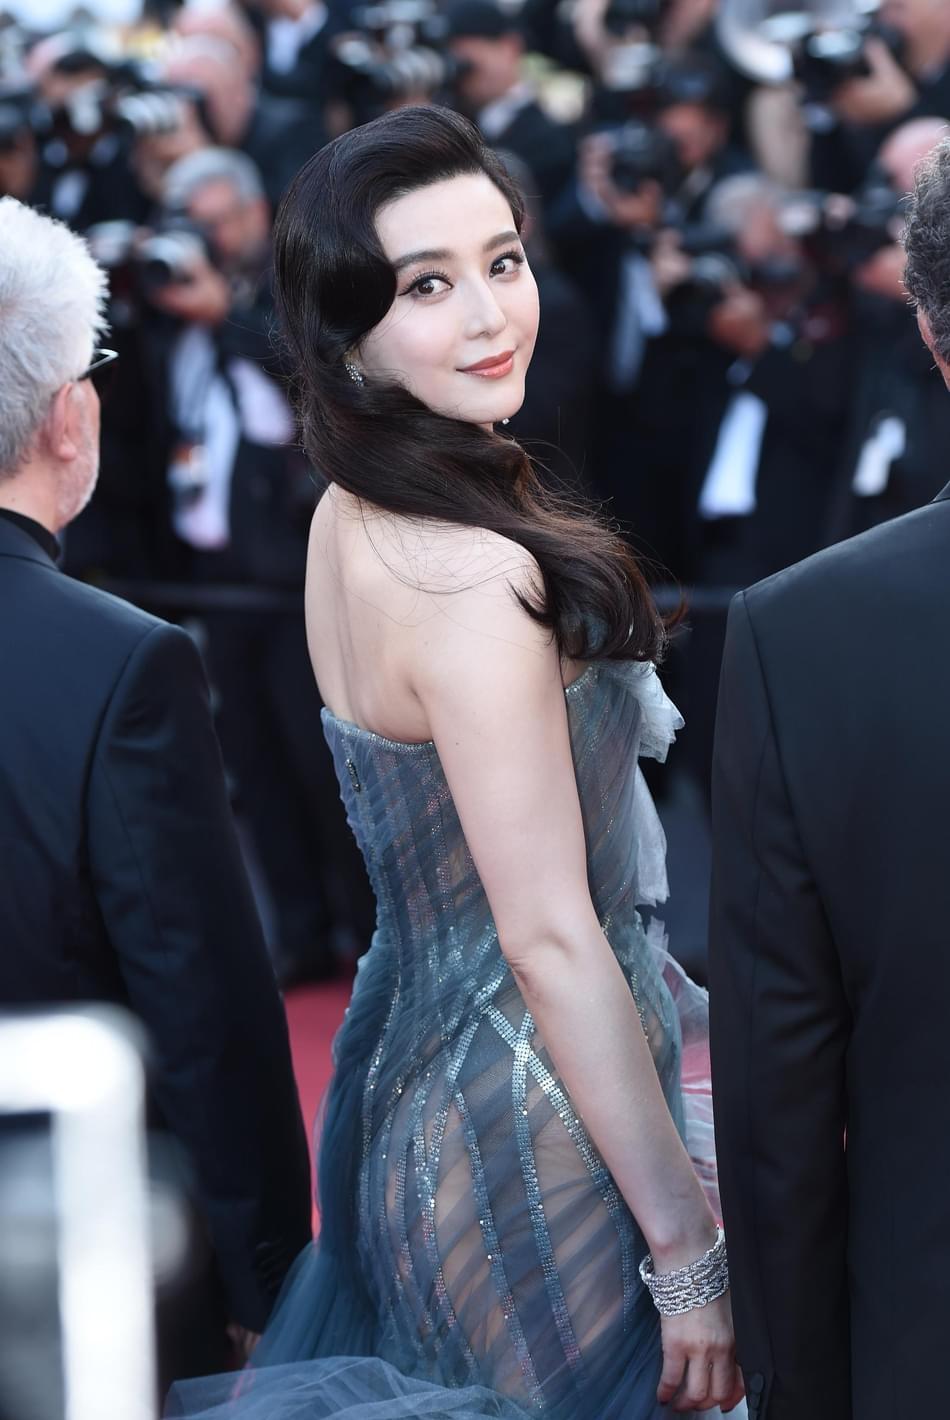 范冰冰:遗憾华语片未入围戛纳竞赛 支持电影分级